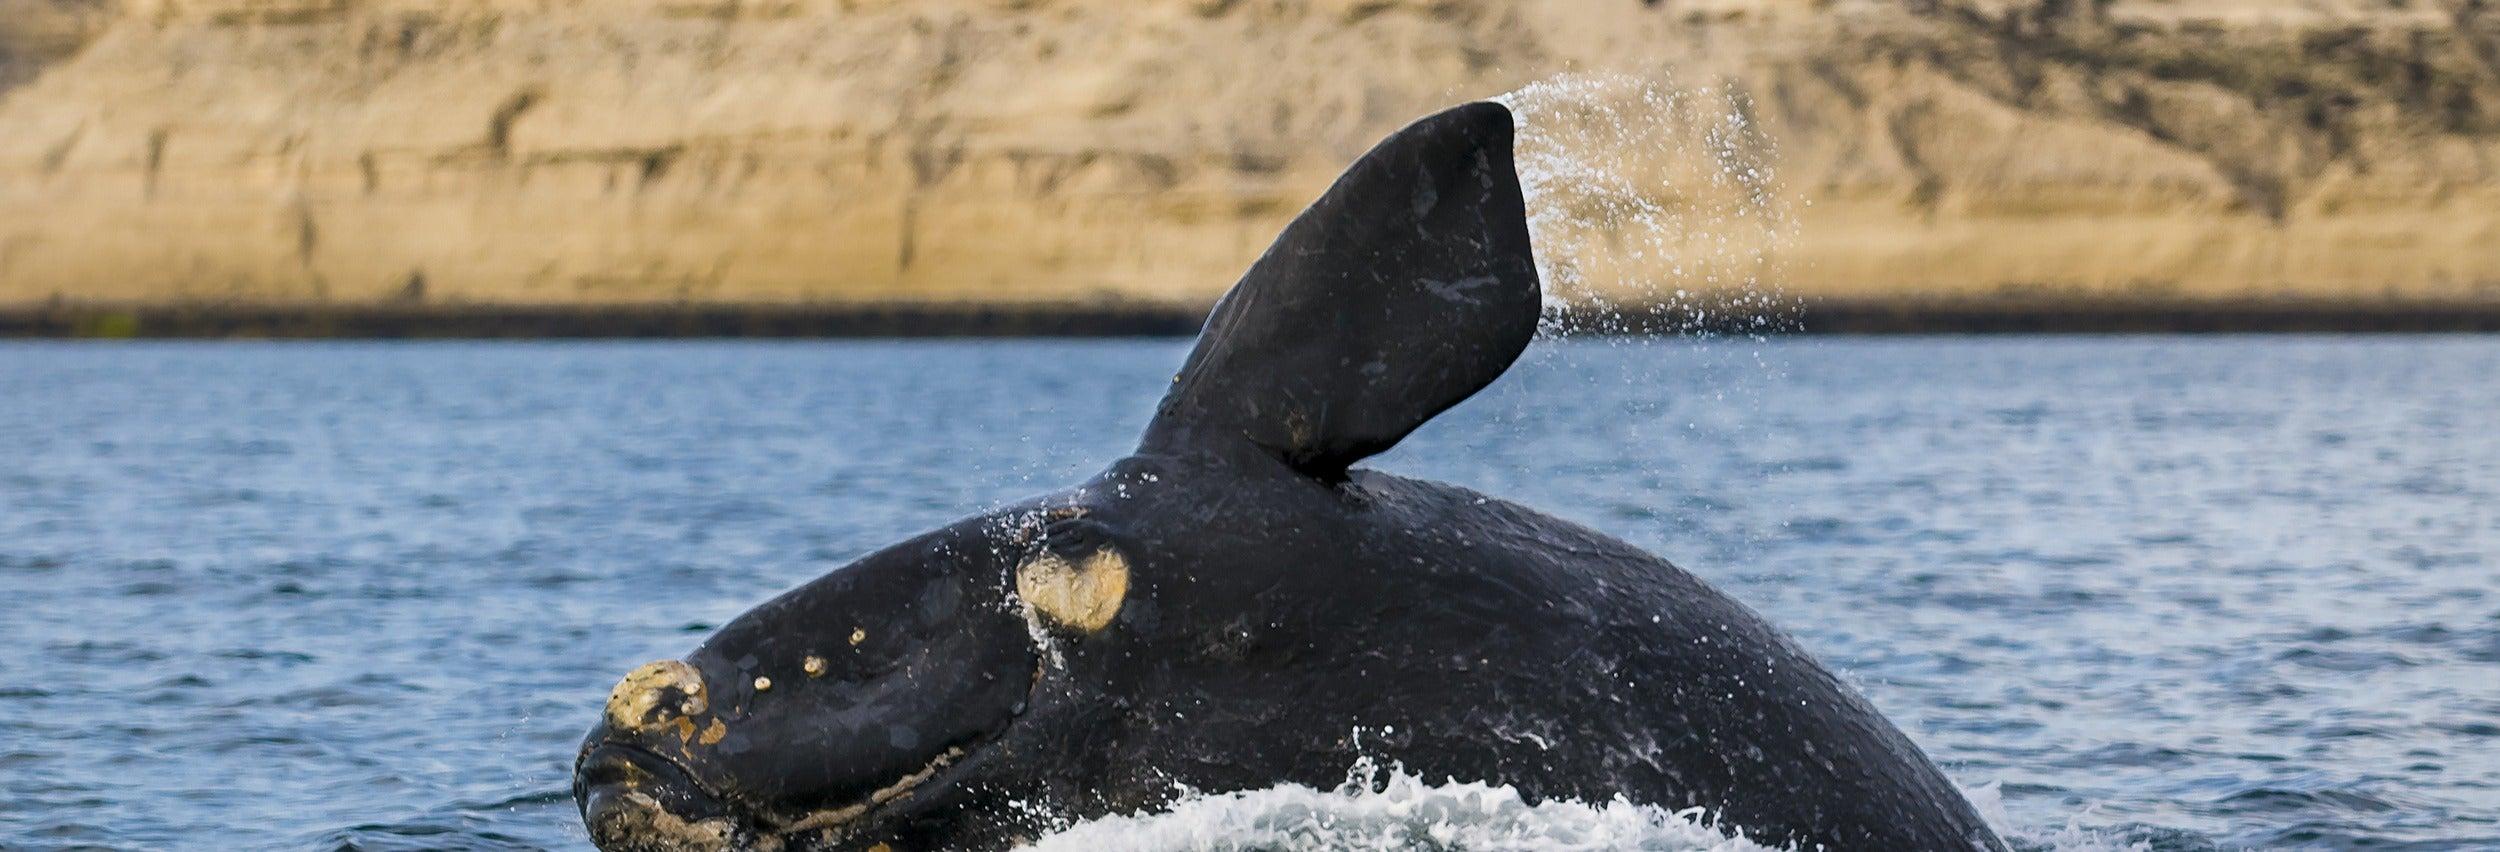 Avvistamento di balene nella Penisola di Valdès